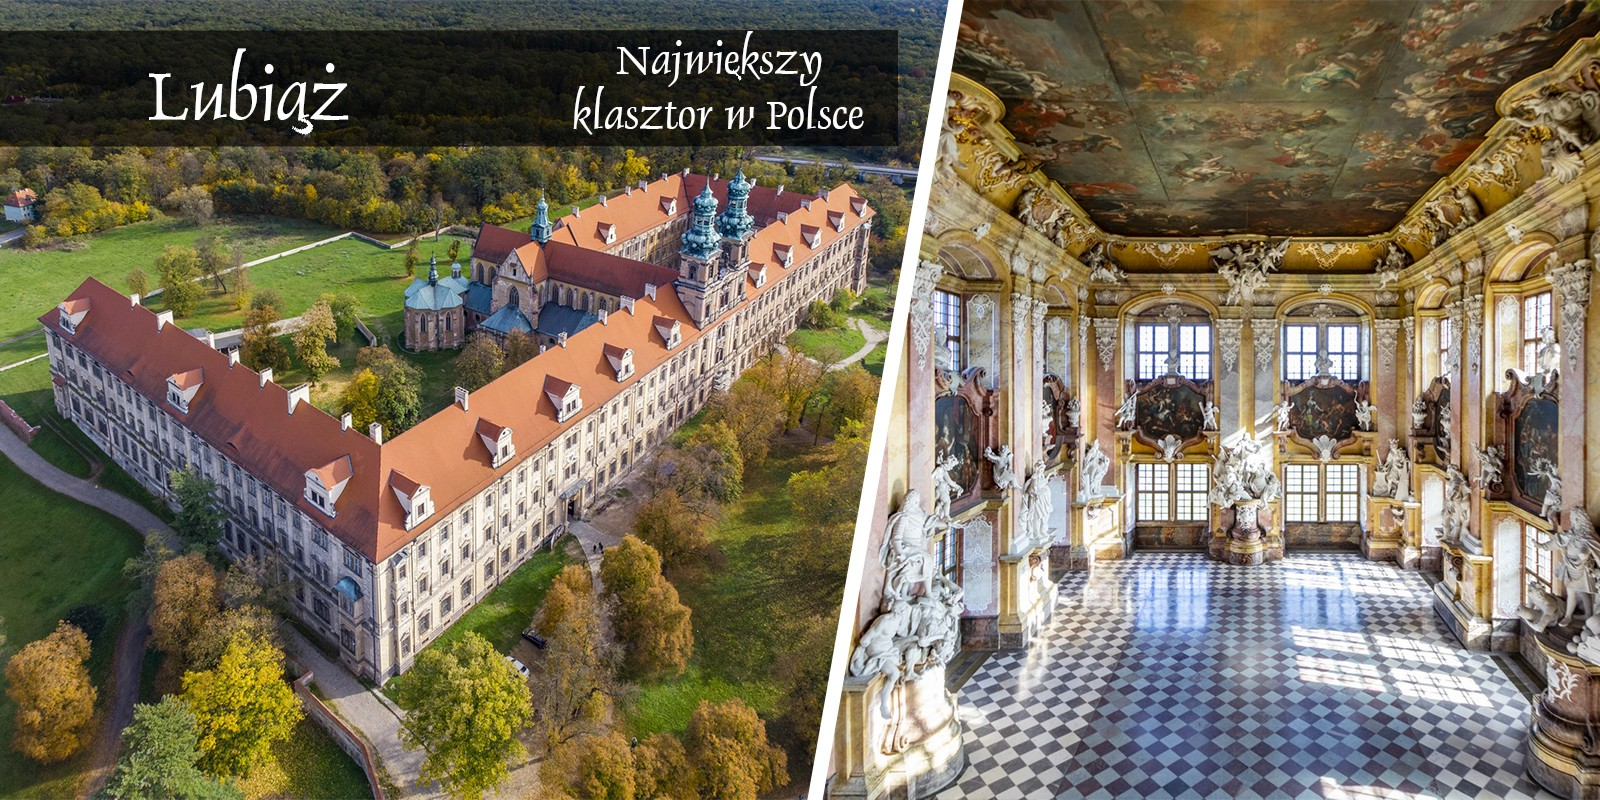 Lubiąż Klasztor Zwiedzanie Kościół Imprezy Atrakcje Dolny śląsk Solnośląskie pomysł wycieczka